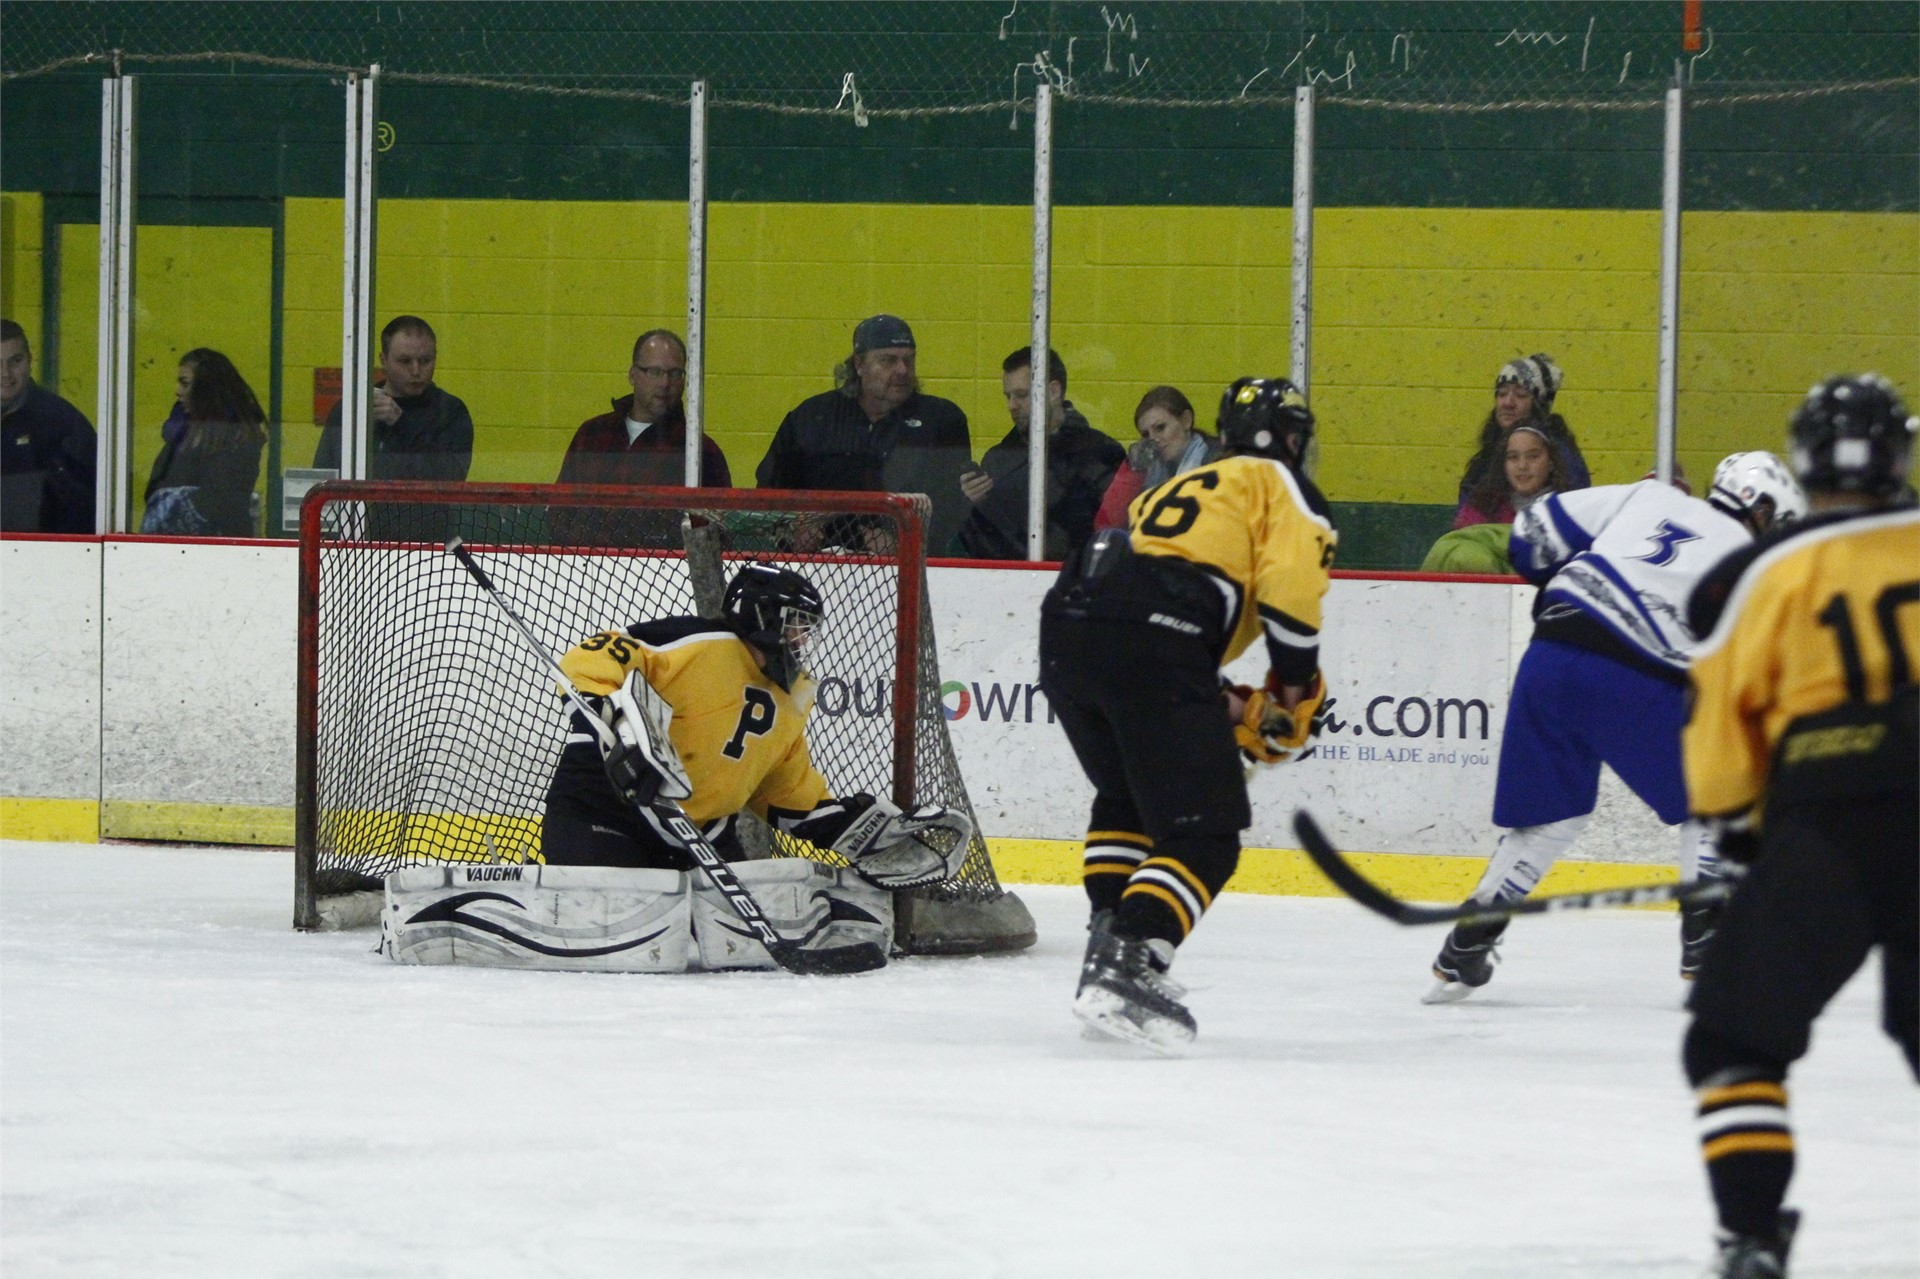 PHS student athletes playing hockey